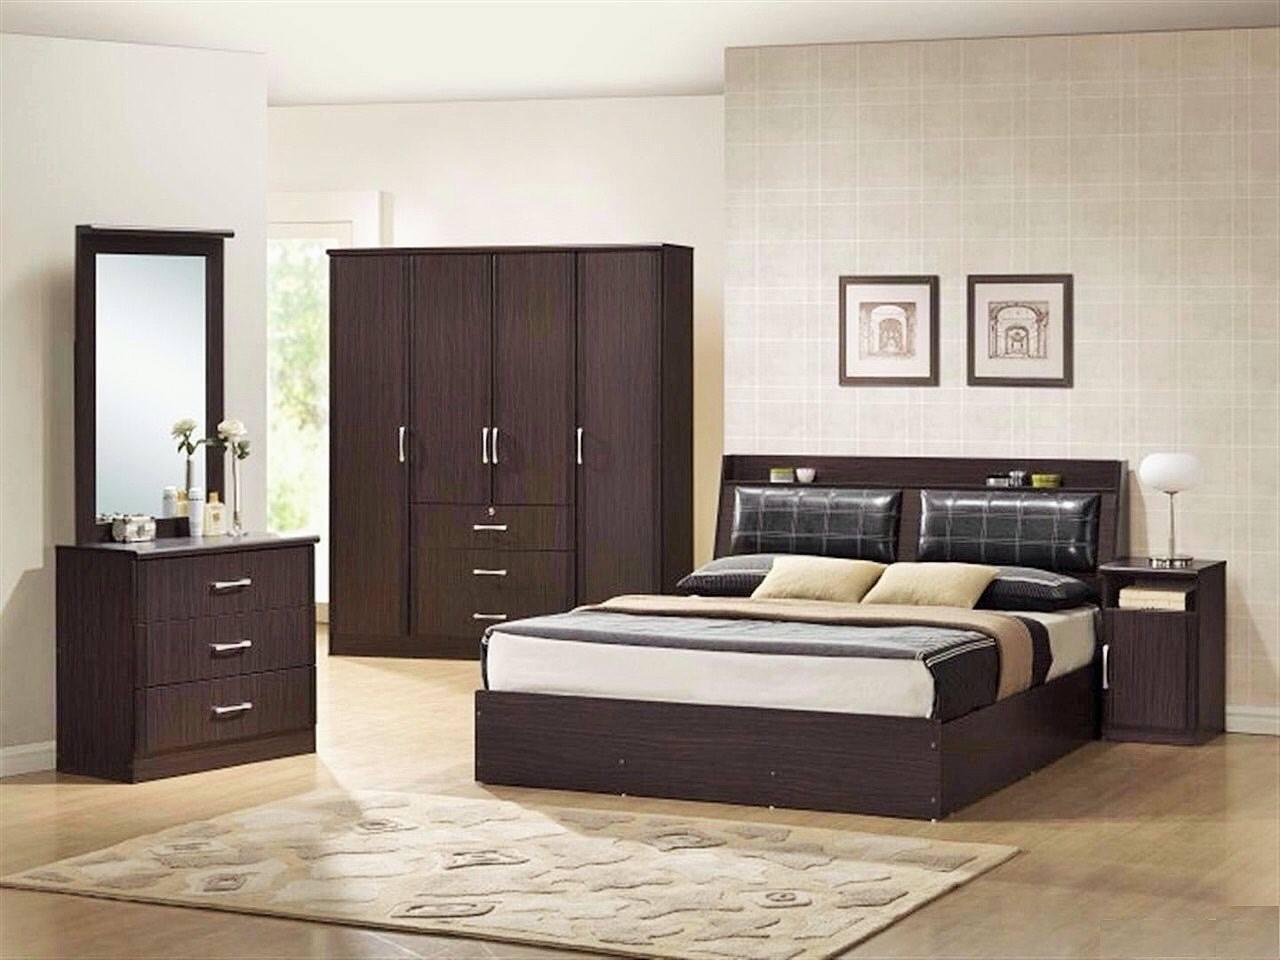 Jaden Furniture Trading L.L.C